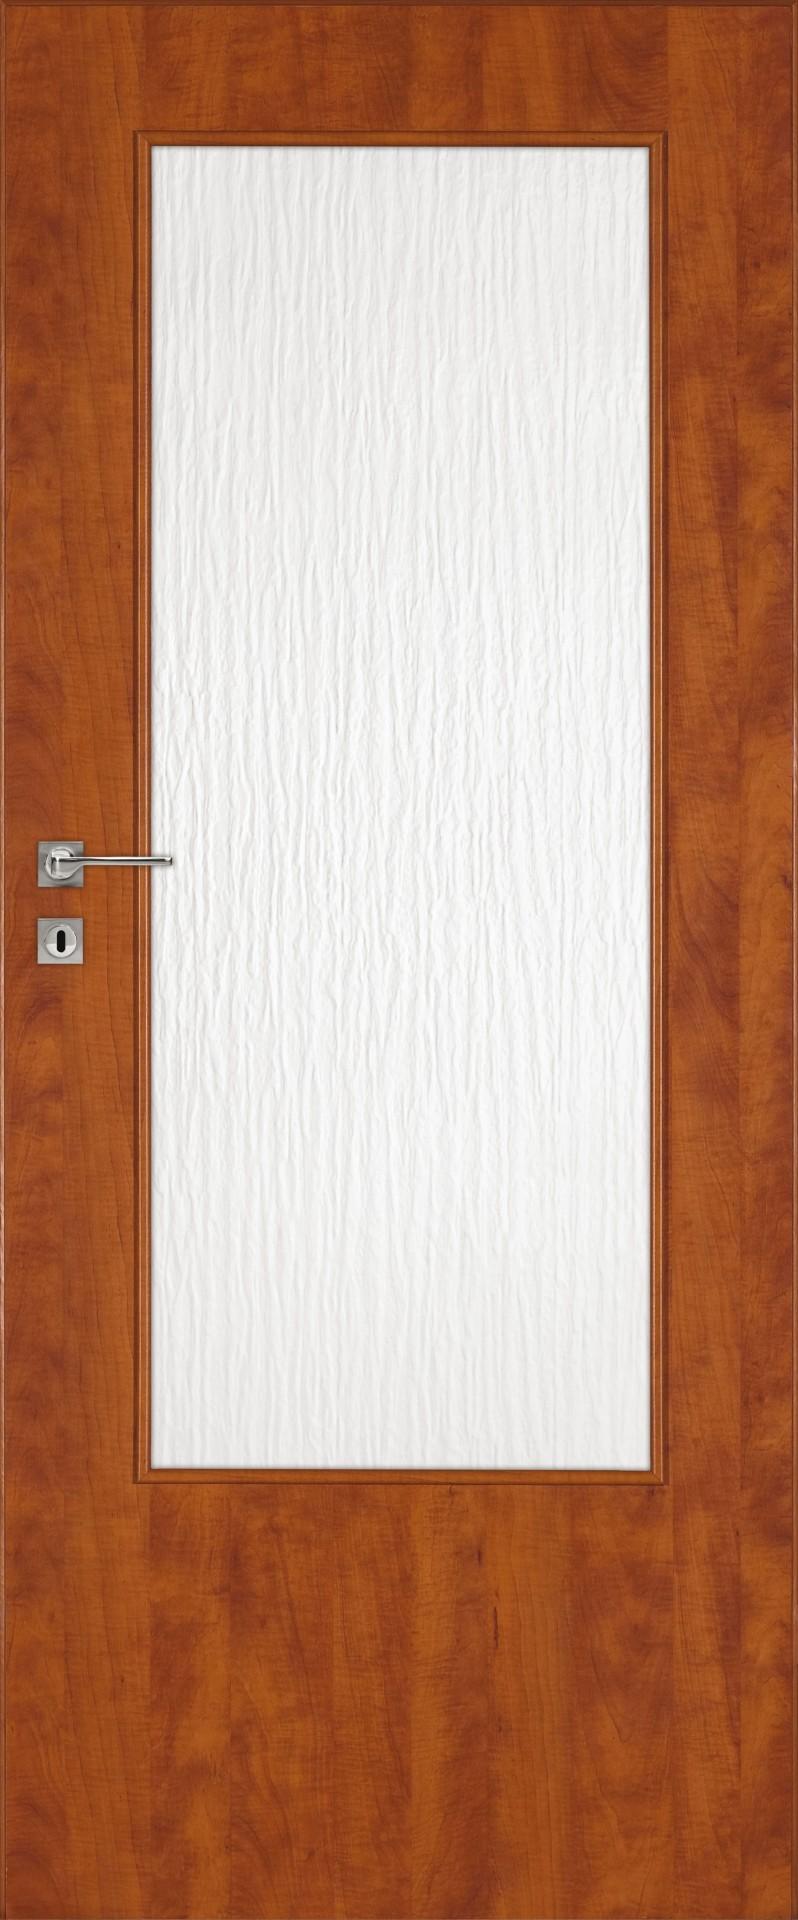 Dre dveře STANDARD 30, Šíře v cm 80